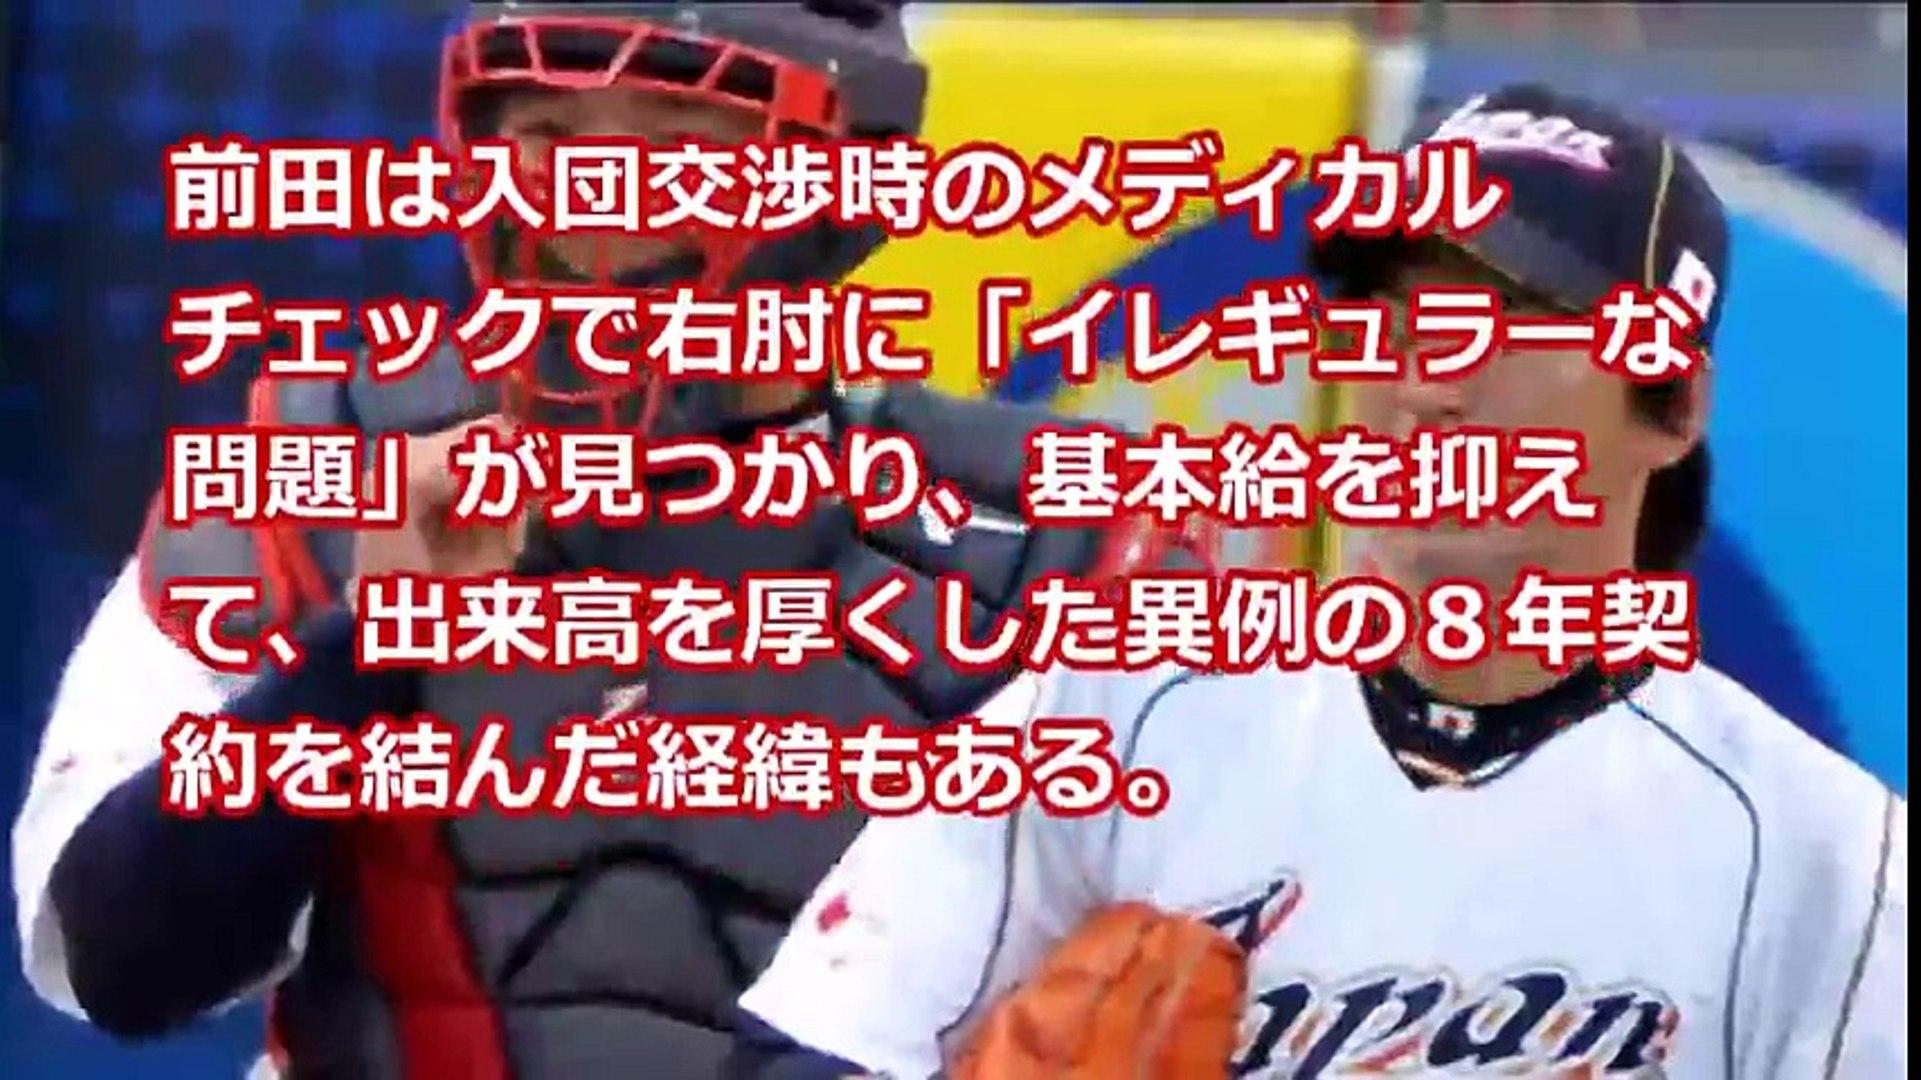 前田健太(マエケン)が WBCを断った結果、 ファンの小久保監督批判が 強烈凄すぎる、、、 【プロ野球 裏話】速報と裏話 プロ野球&MLB